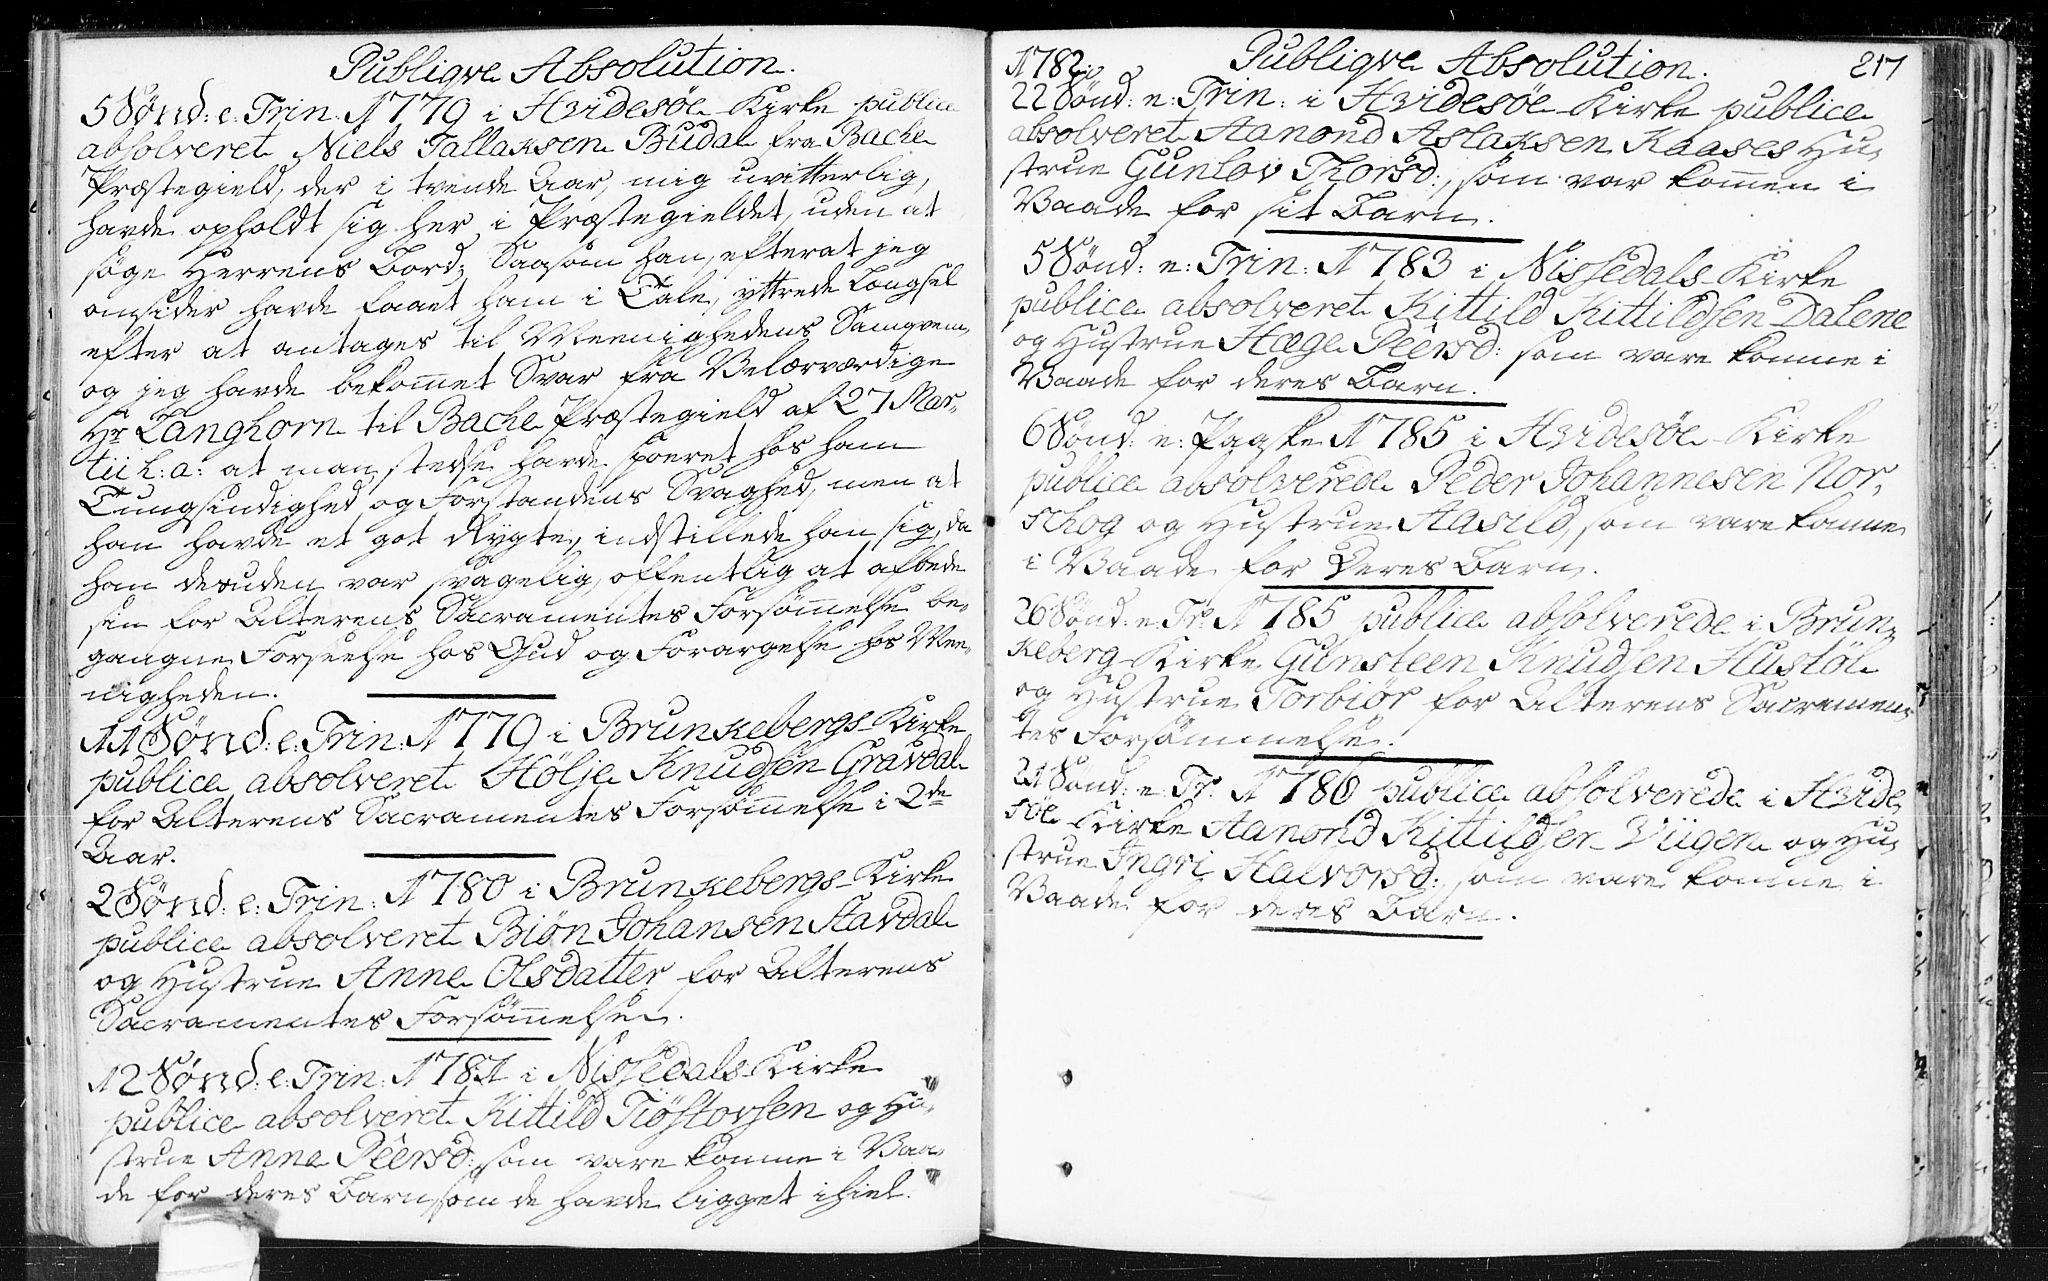 SAKO, Kviteseid kirkebøker, F/Fa/L0002: Ministerialbok nr. I 2, 1773-1786, s. 217